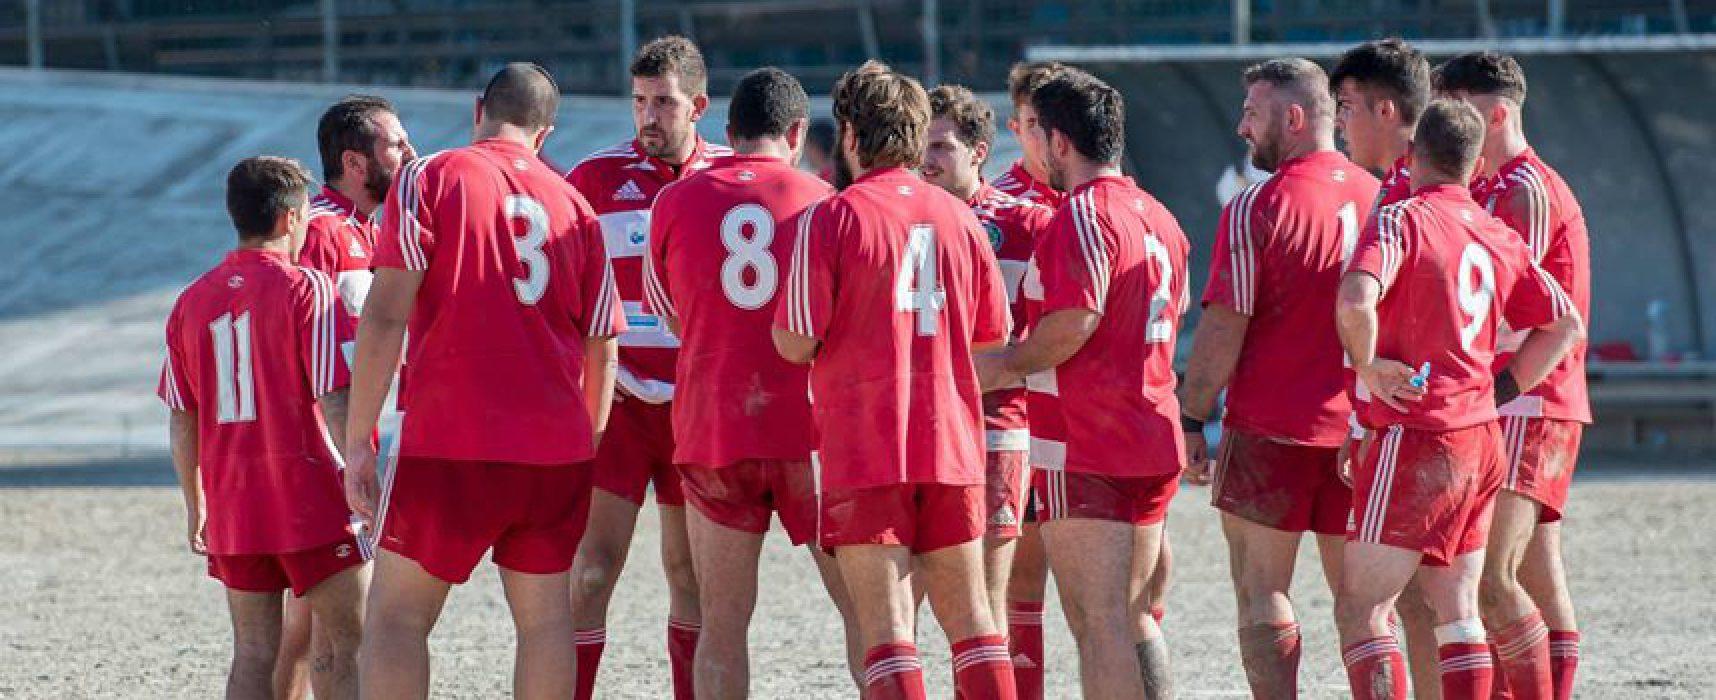 Rugby, Draghi Bat sconfitti in casa dal Foggia / CLASSIFICA